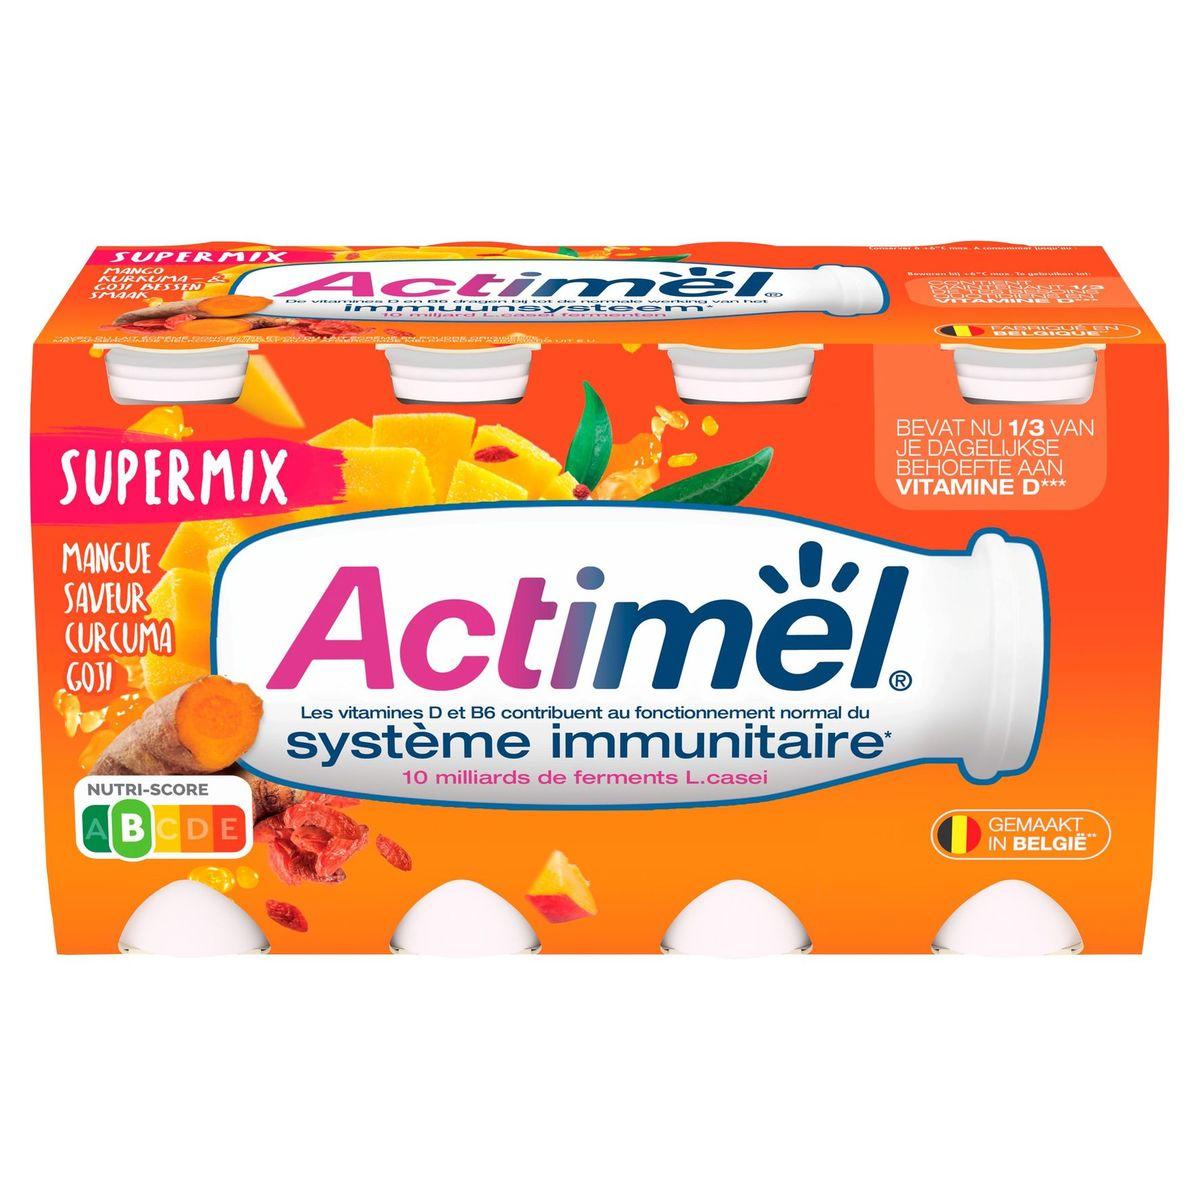 Actimel Supermix Yaourt à Boire Mangue-Curcuma-Goji 8 x 100 g